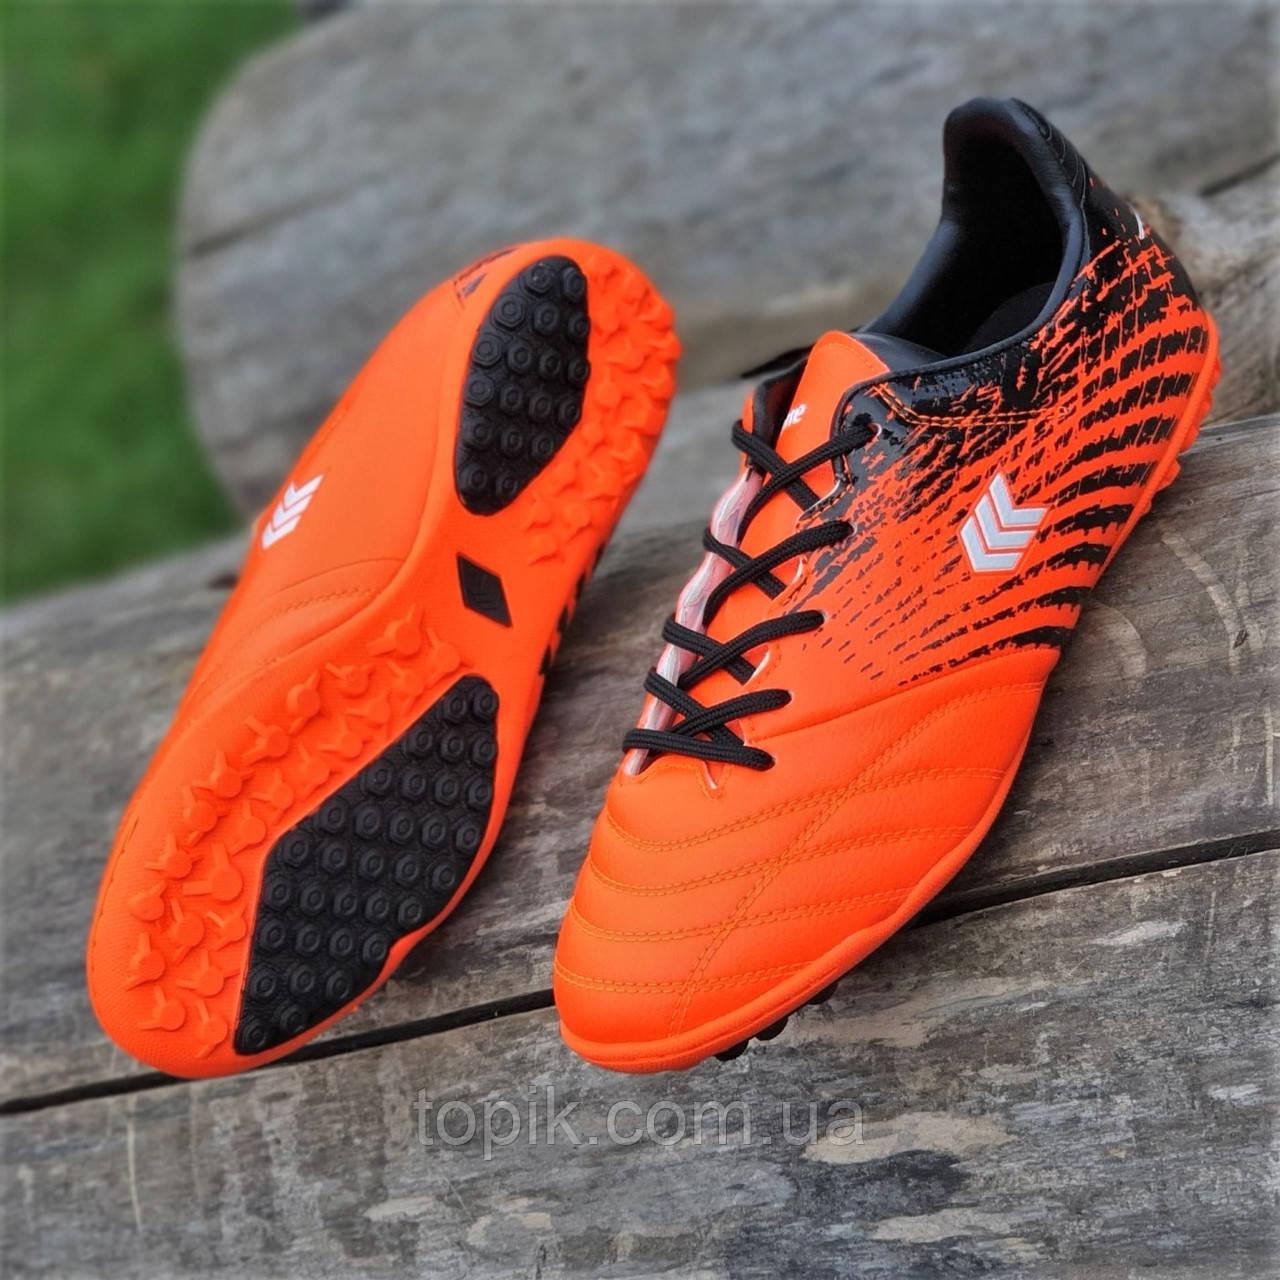 Сороконожки, бампы, кроссовки для футбола (Код: 1813a)